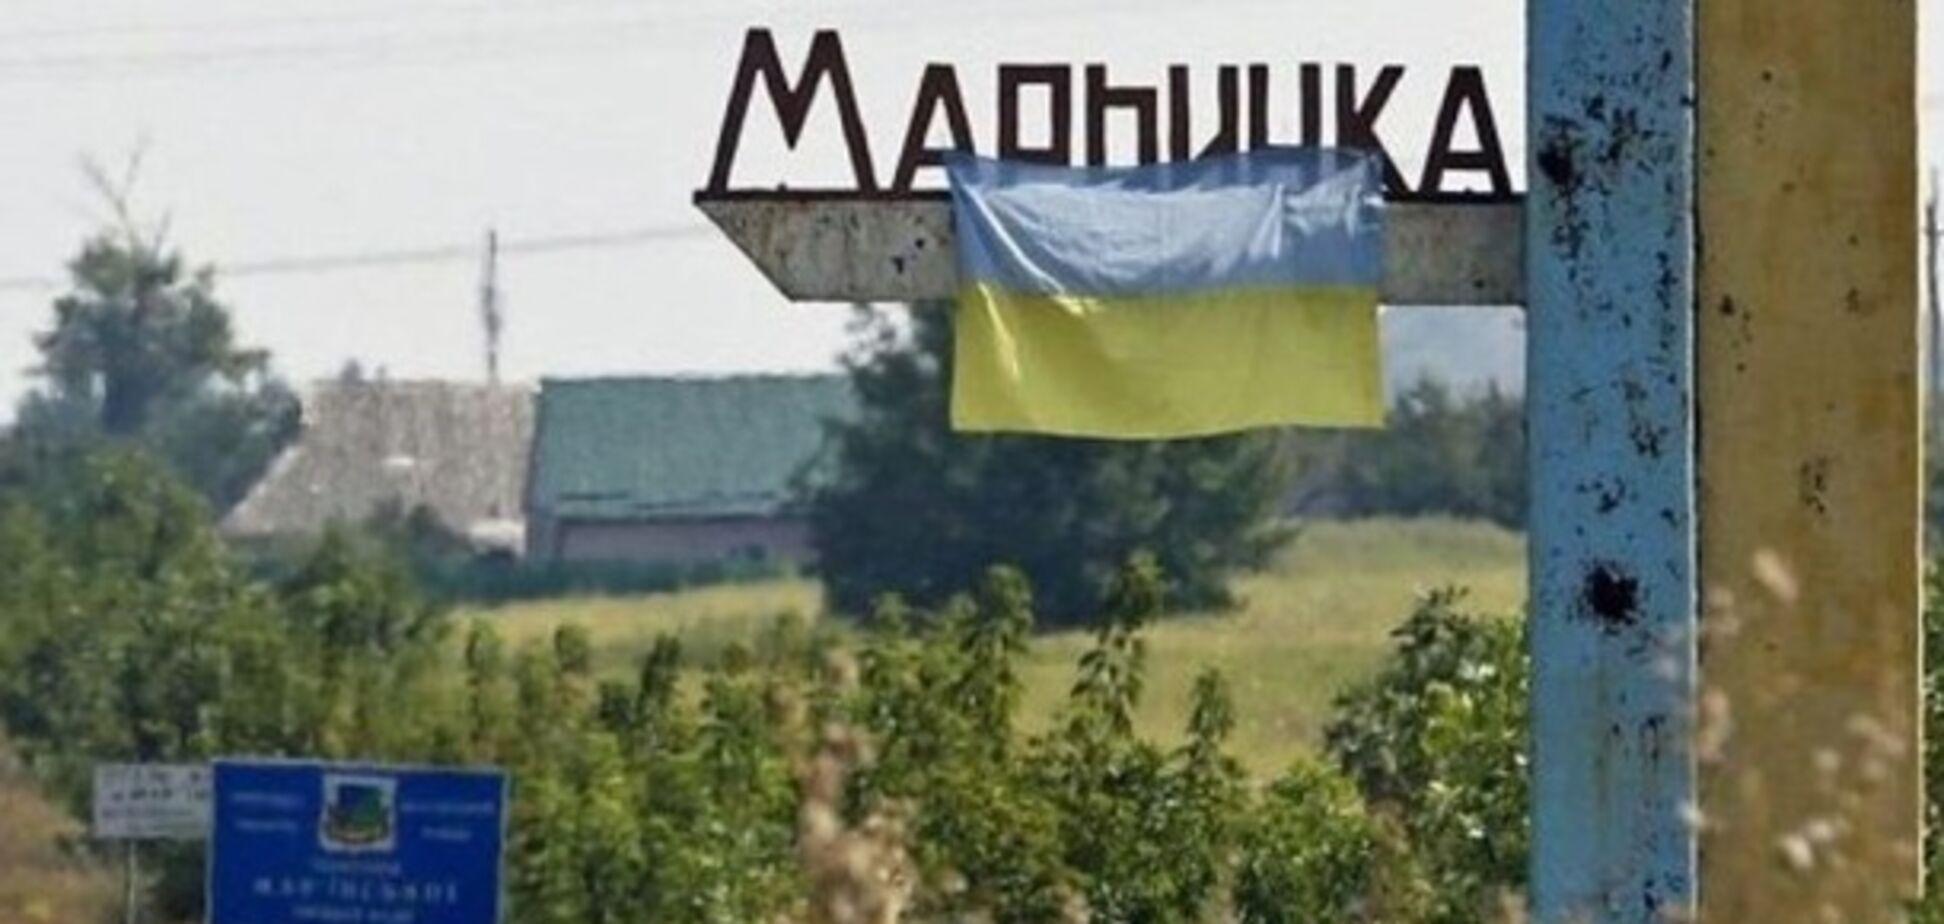 'Можна збожеволіти': блогер розповів, як пропаганда в 'ДНР' лякає населення